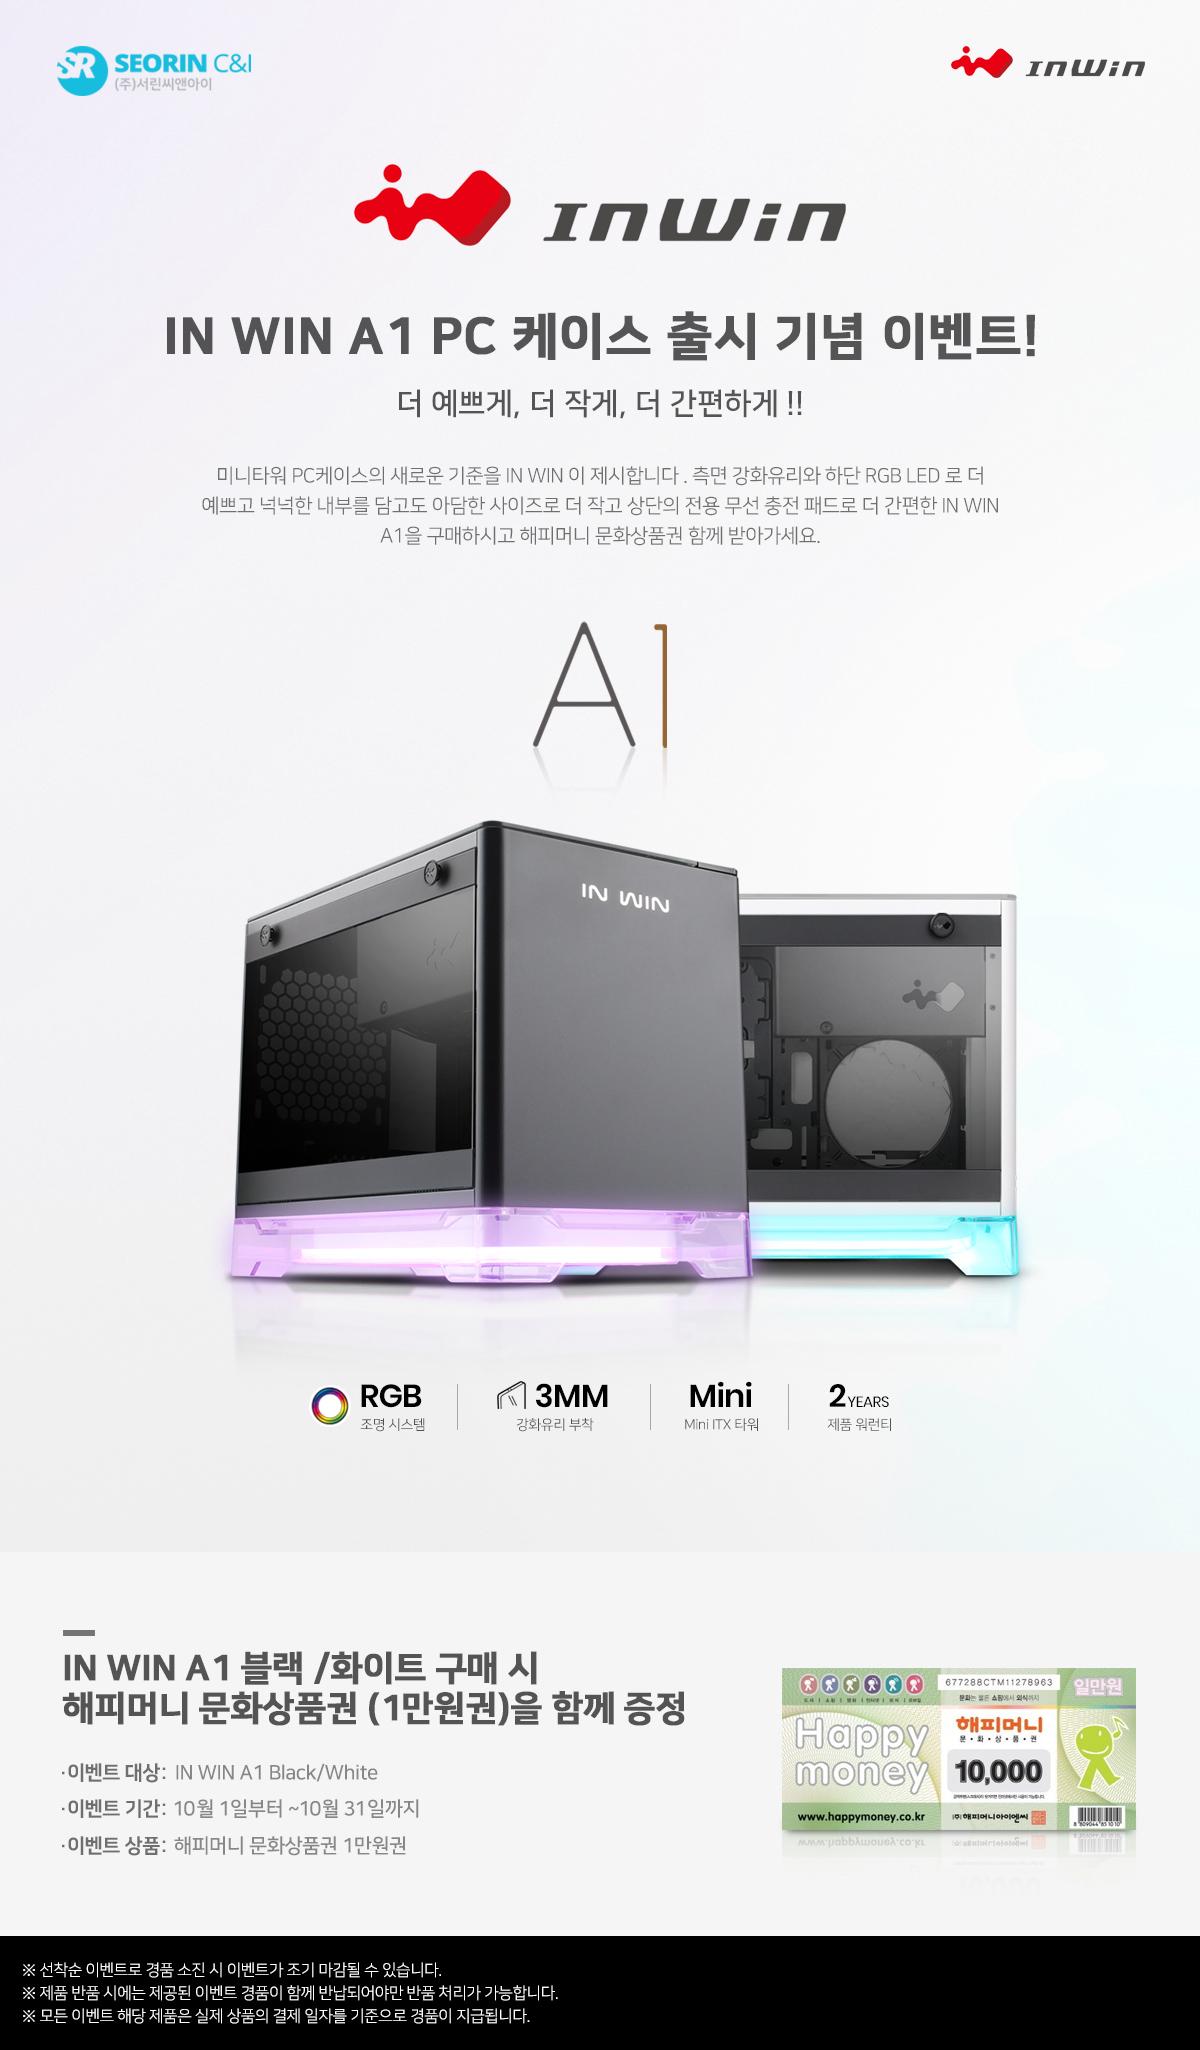 더 예쁘게, 더 작게, 더 간편하게 !! 인윈 A1 PC 케이스 출시 기념 이벤트 !!